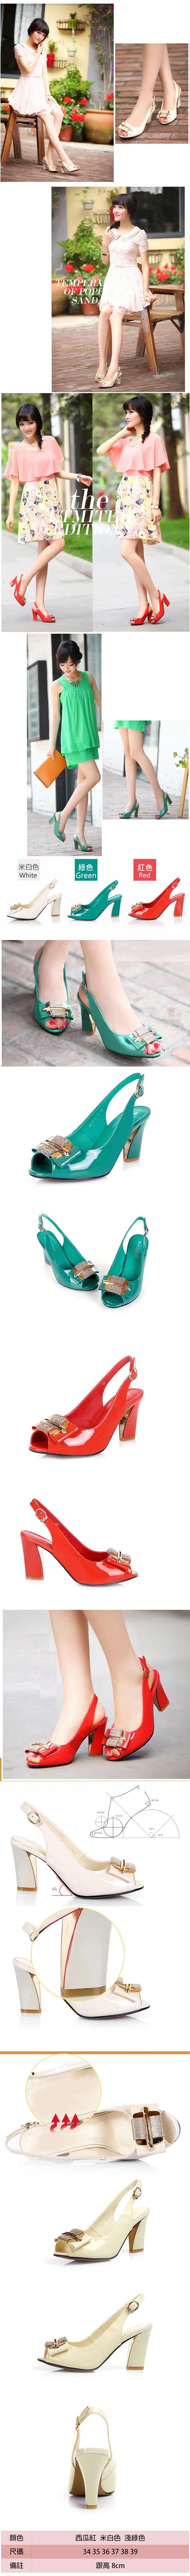 涼鞋 女涼鞋 休閒鞋 女鞋子